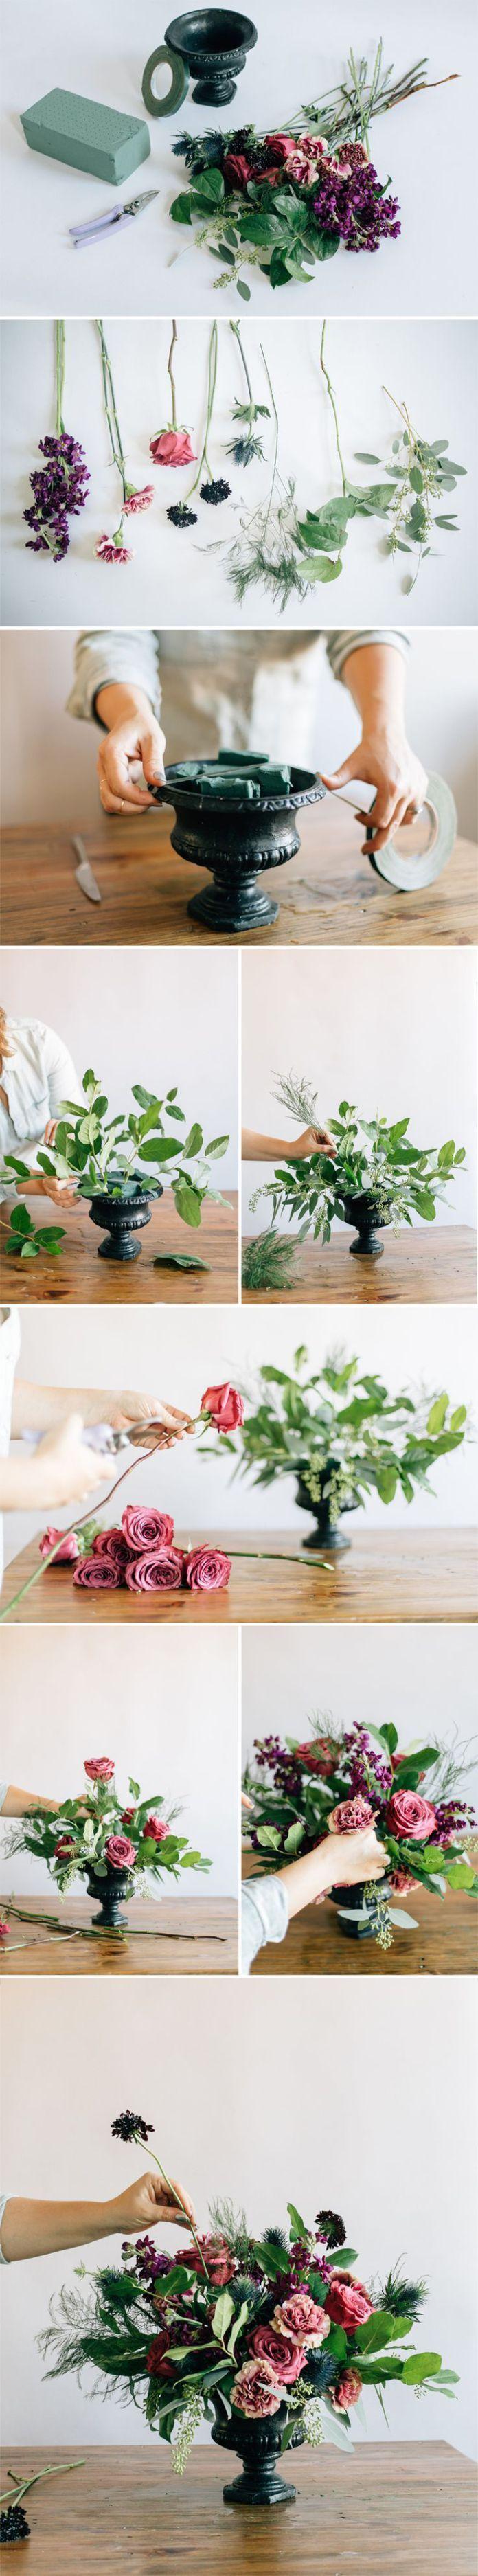 best floral design images on pinterest flower arrangements